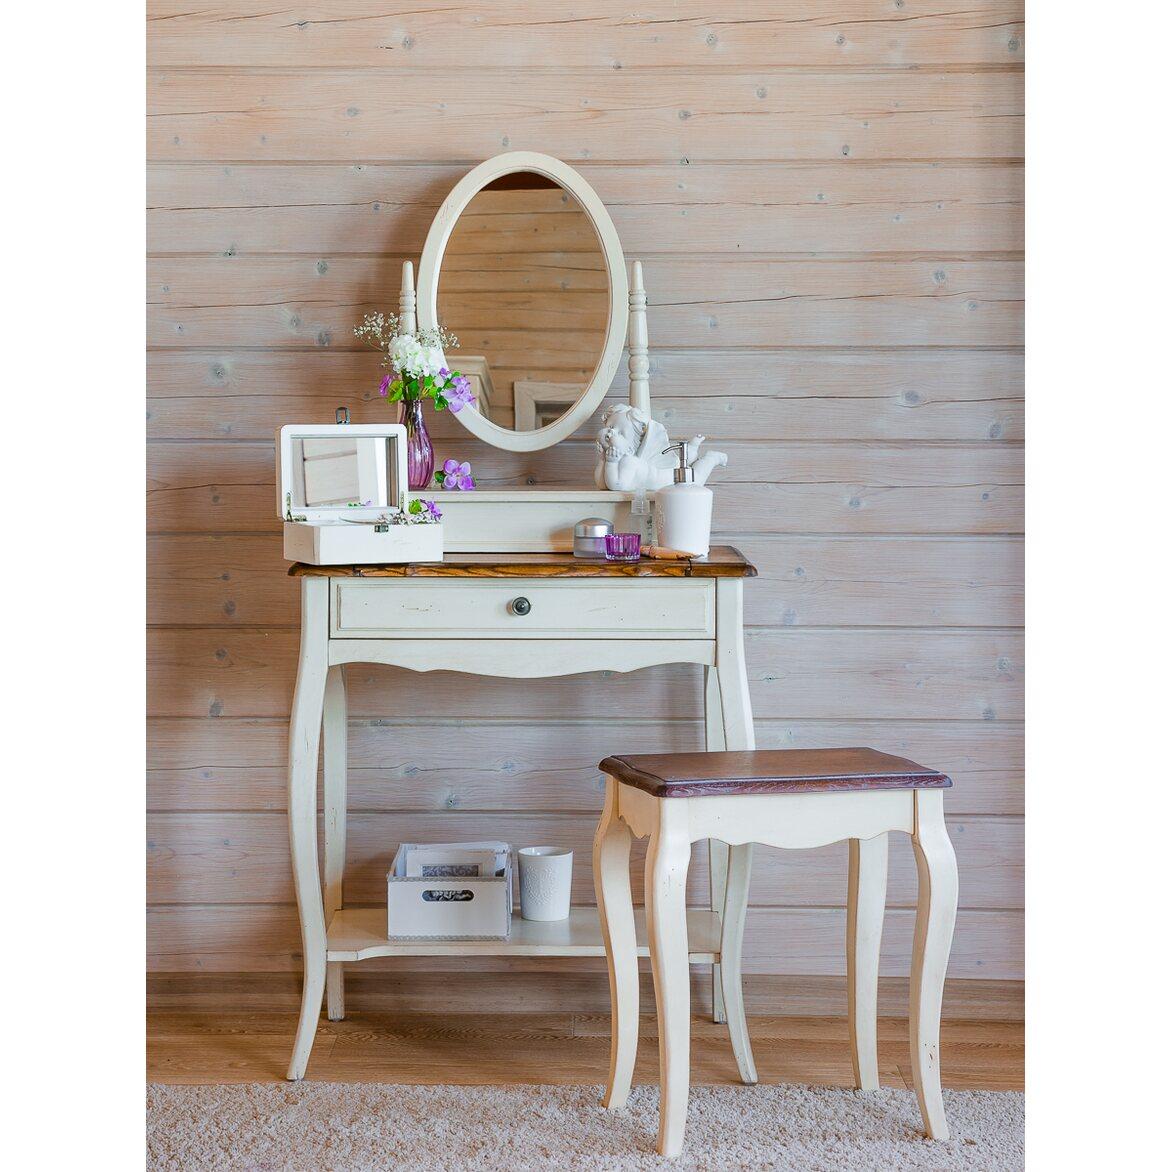 Туалетный столик с овальным зеркалом Leontina, бежевого цвета 3   Туалетные столики Kingsby